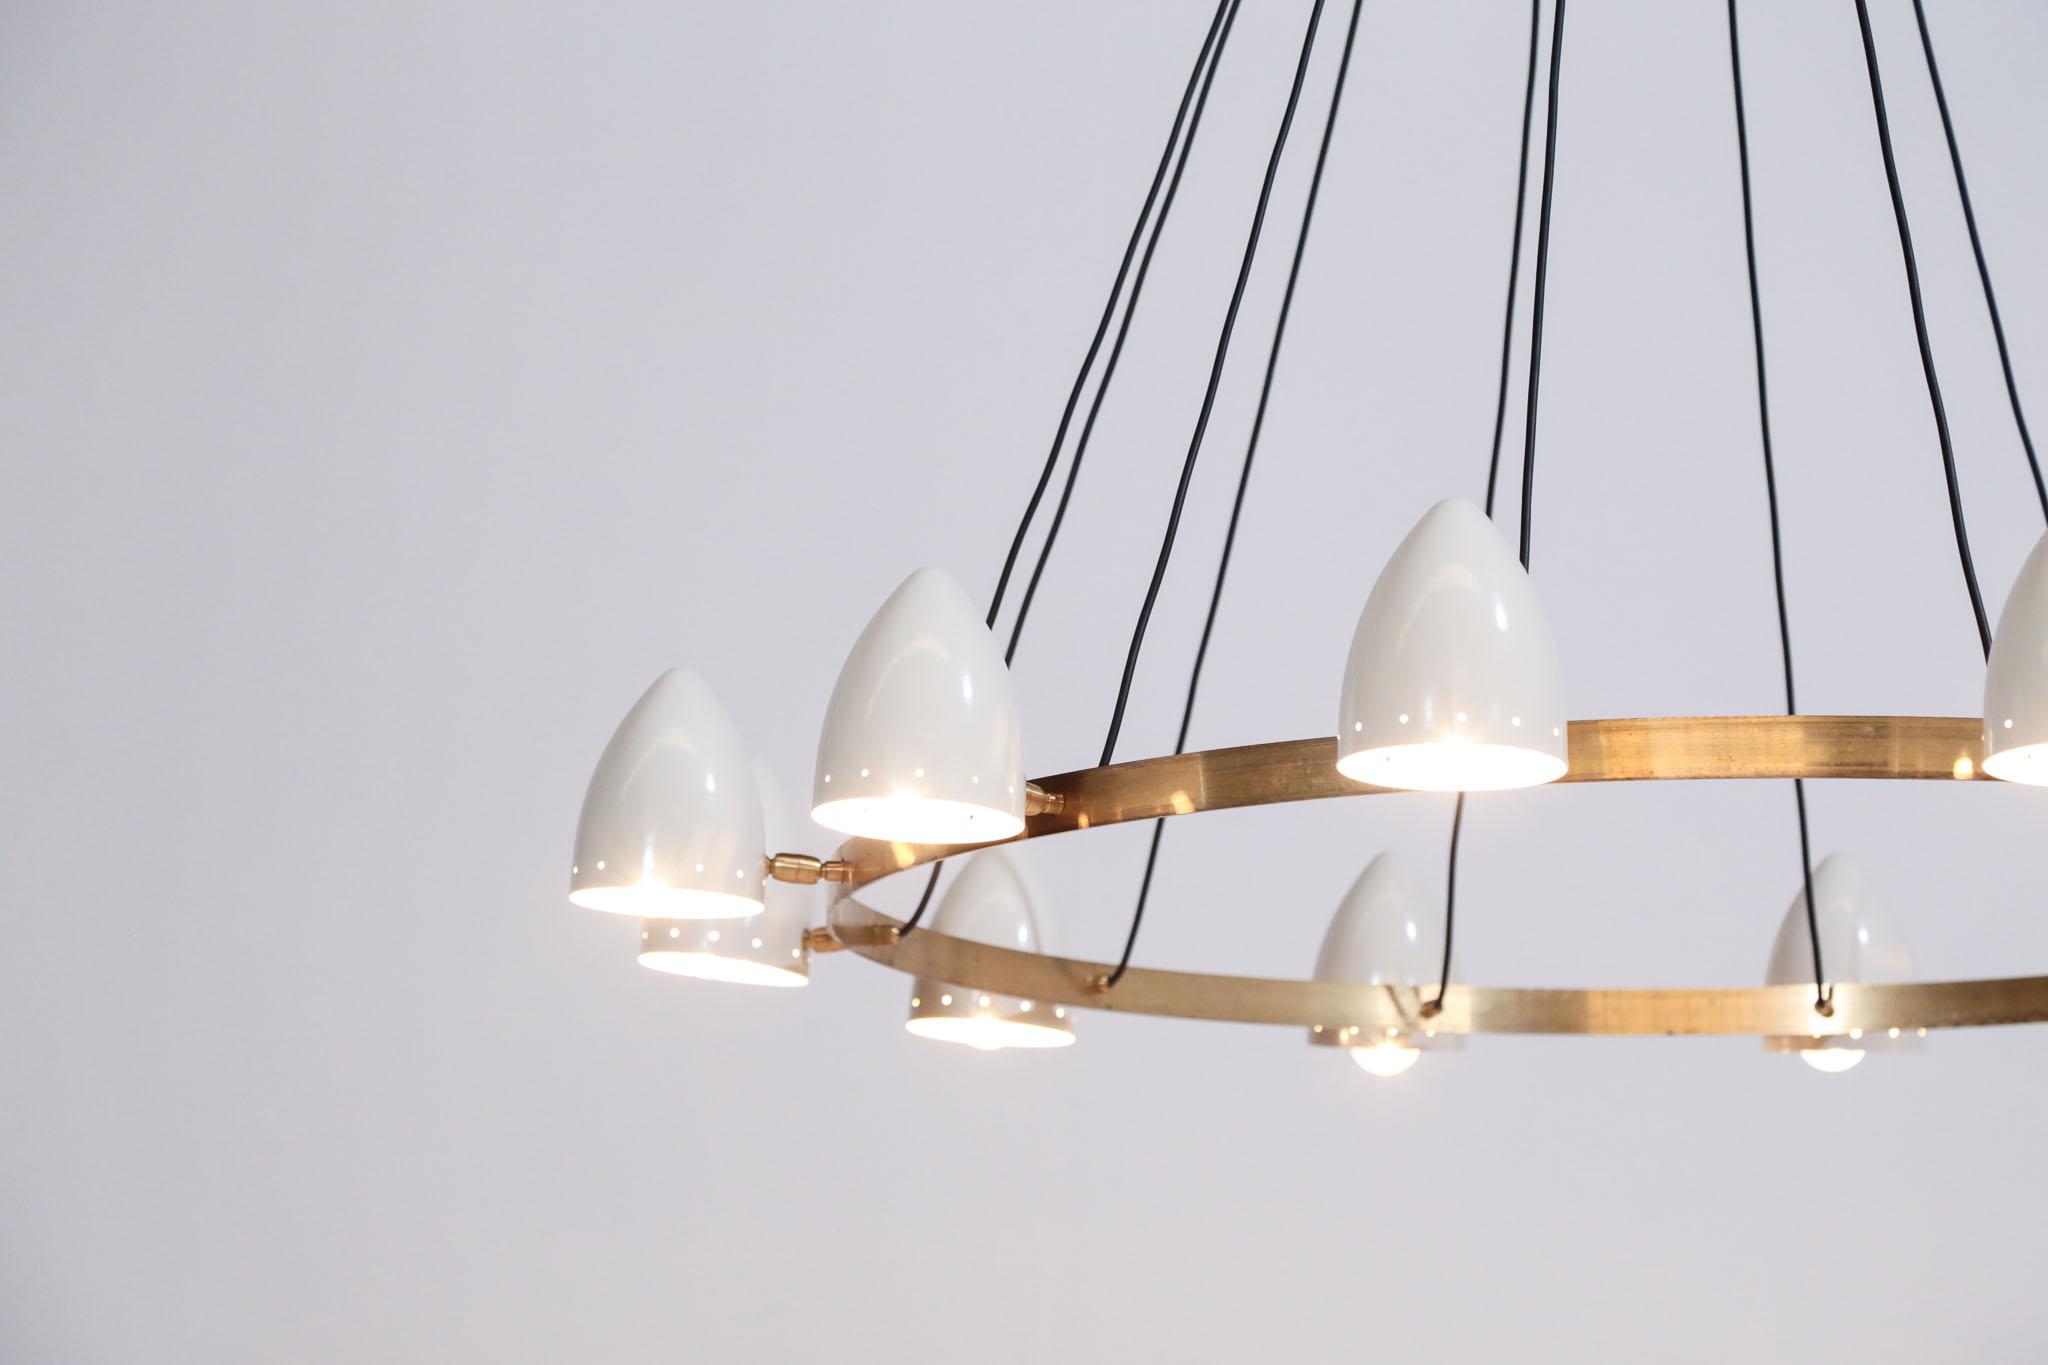 lustre moderne design italien rond 12 abat jours danke galerie. Black Bedroom Furniture Sets. Home Design Ideas